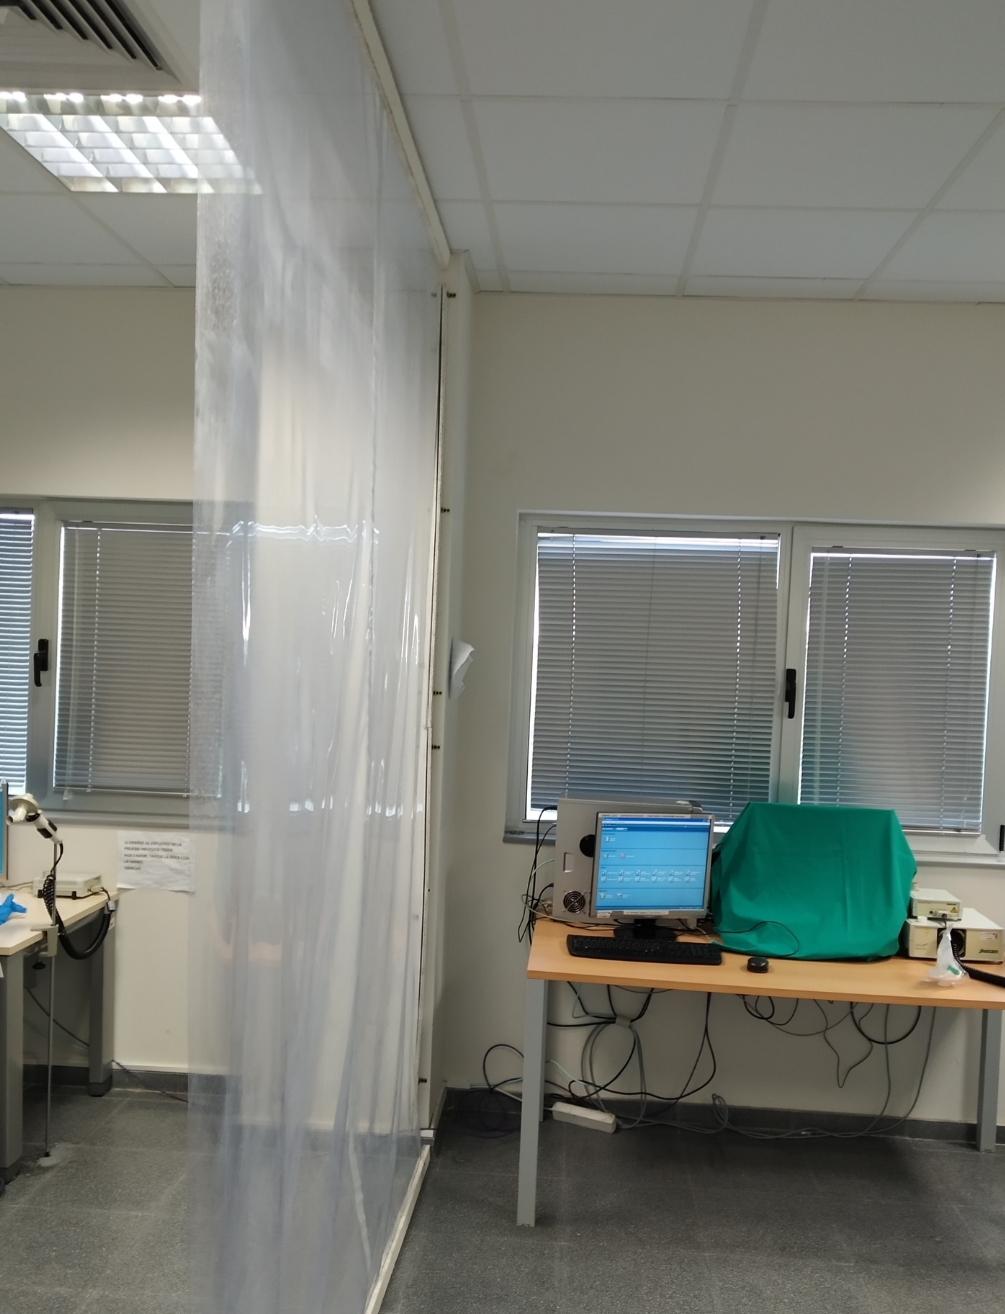 La nueva sala  de  espirometría no cumple las condiciones de seguridad que se requieren, ni cuenta con tomas de oxígeno y lavabo.